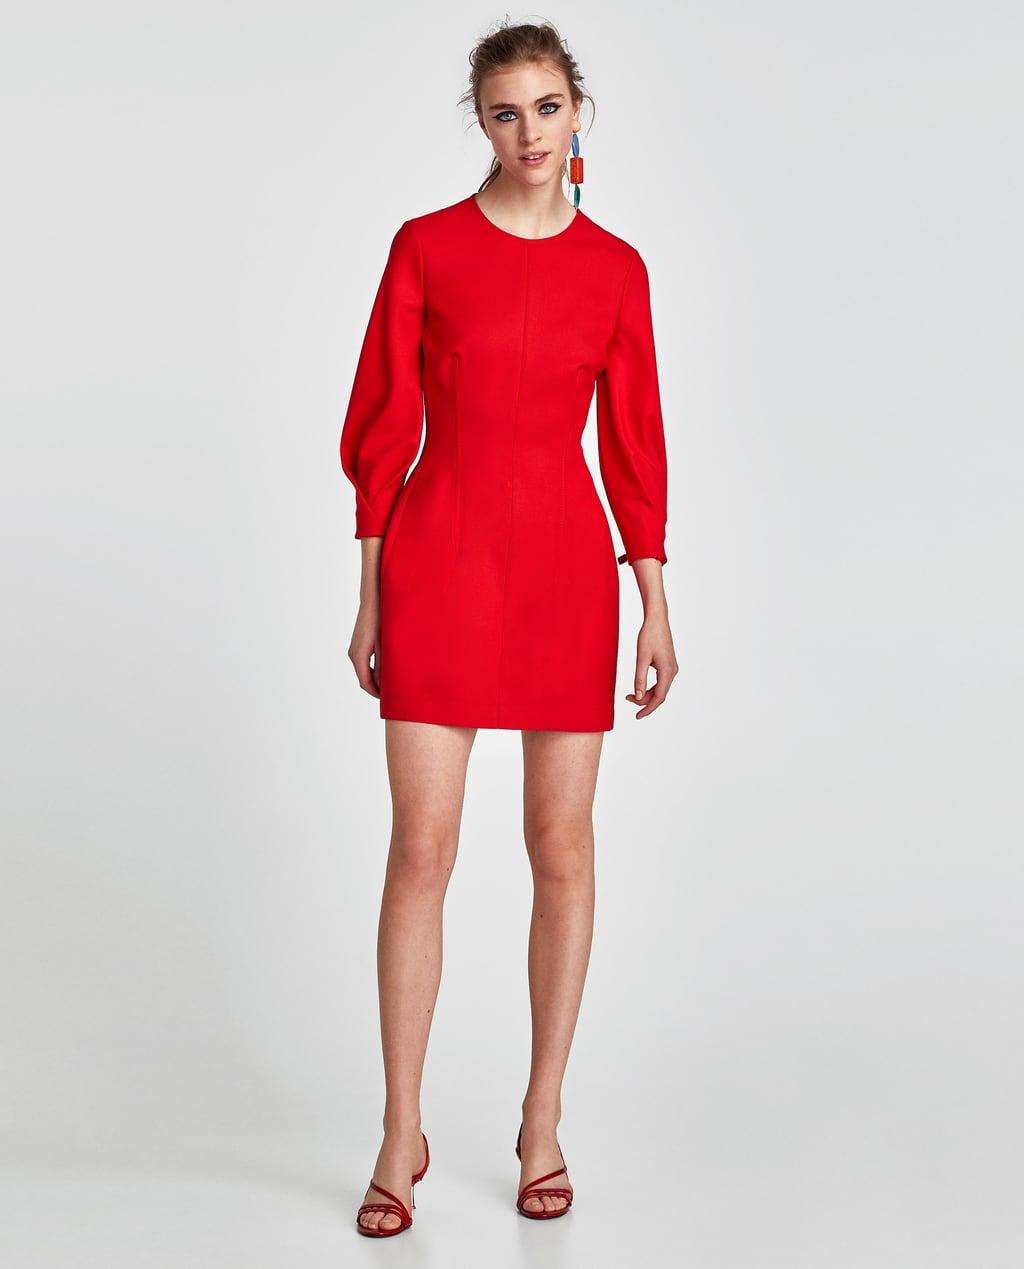 zara little red dresses